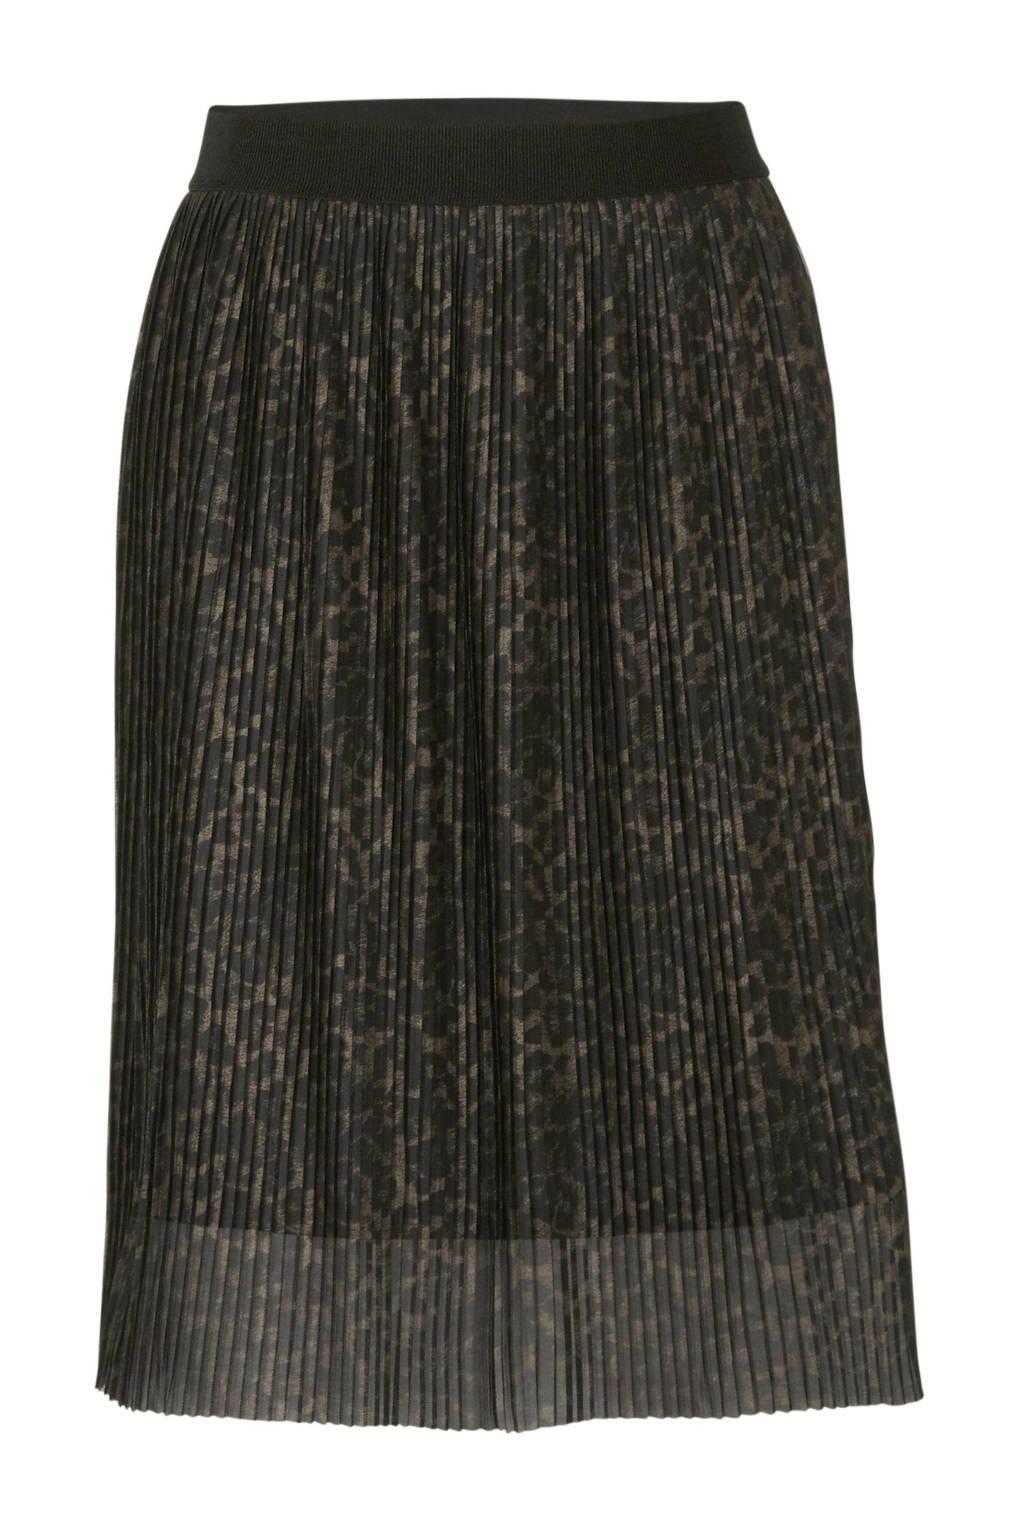 Yesta plissé rok met panterprint zwart/bruin, Zwart/bruin